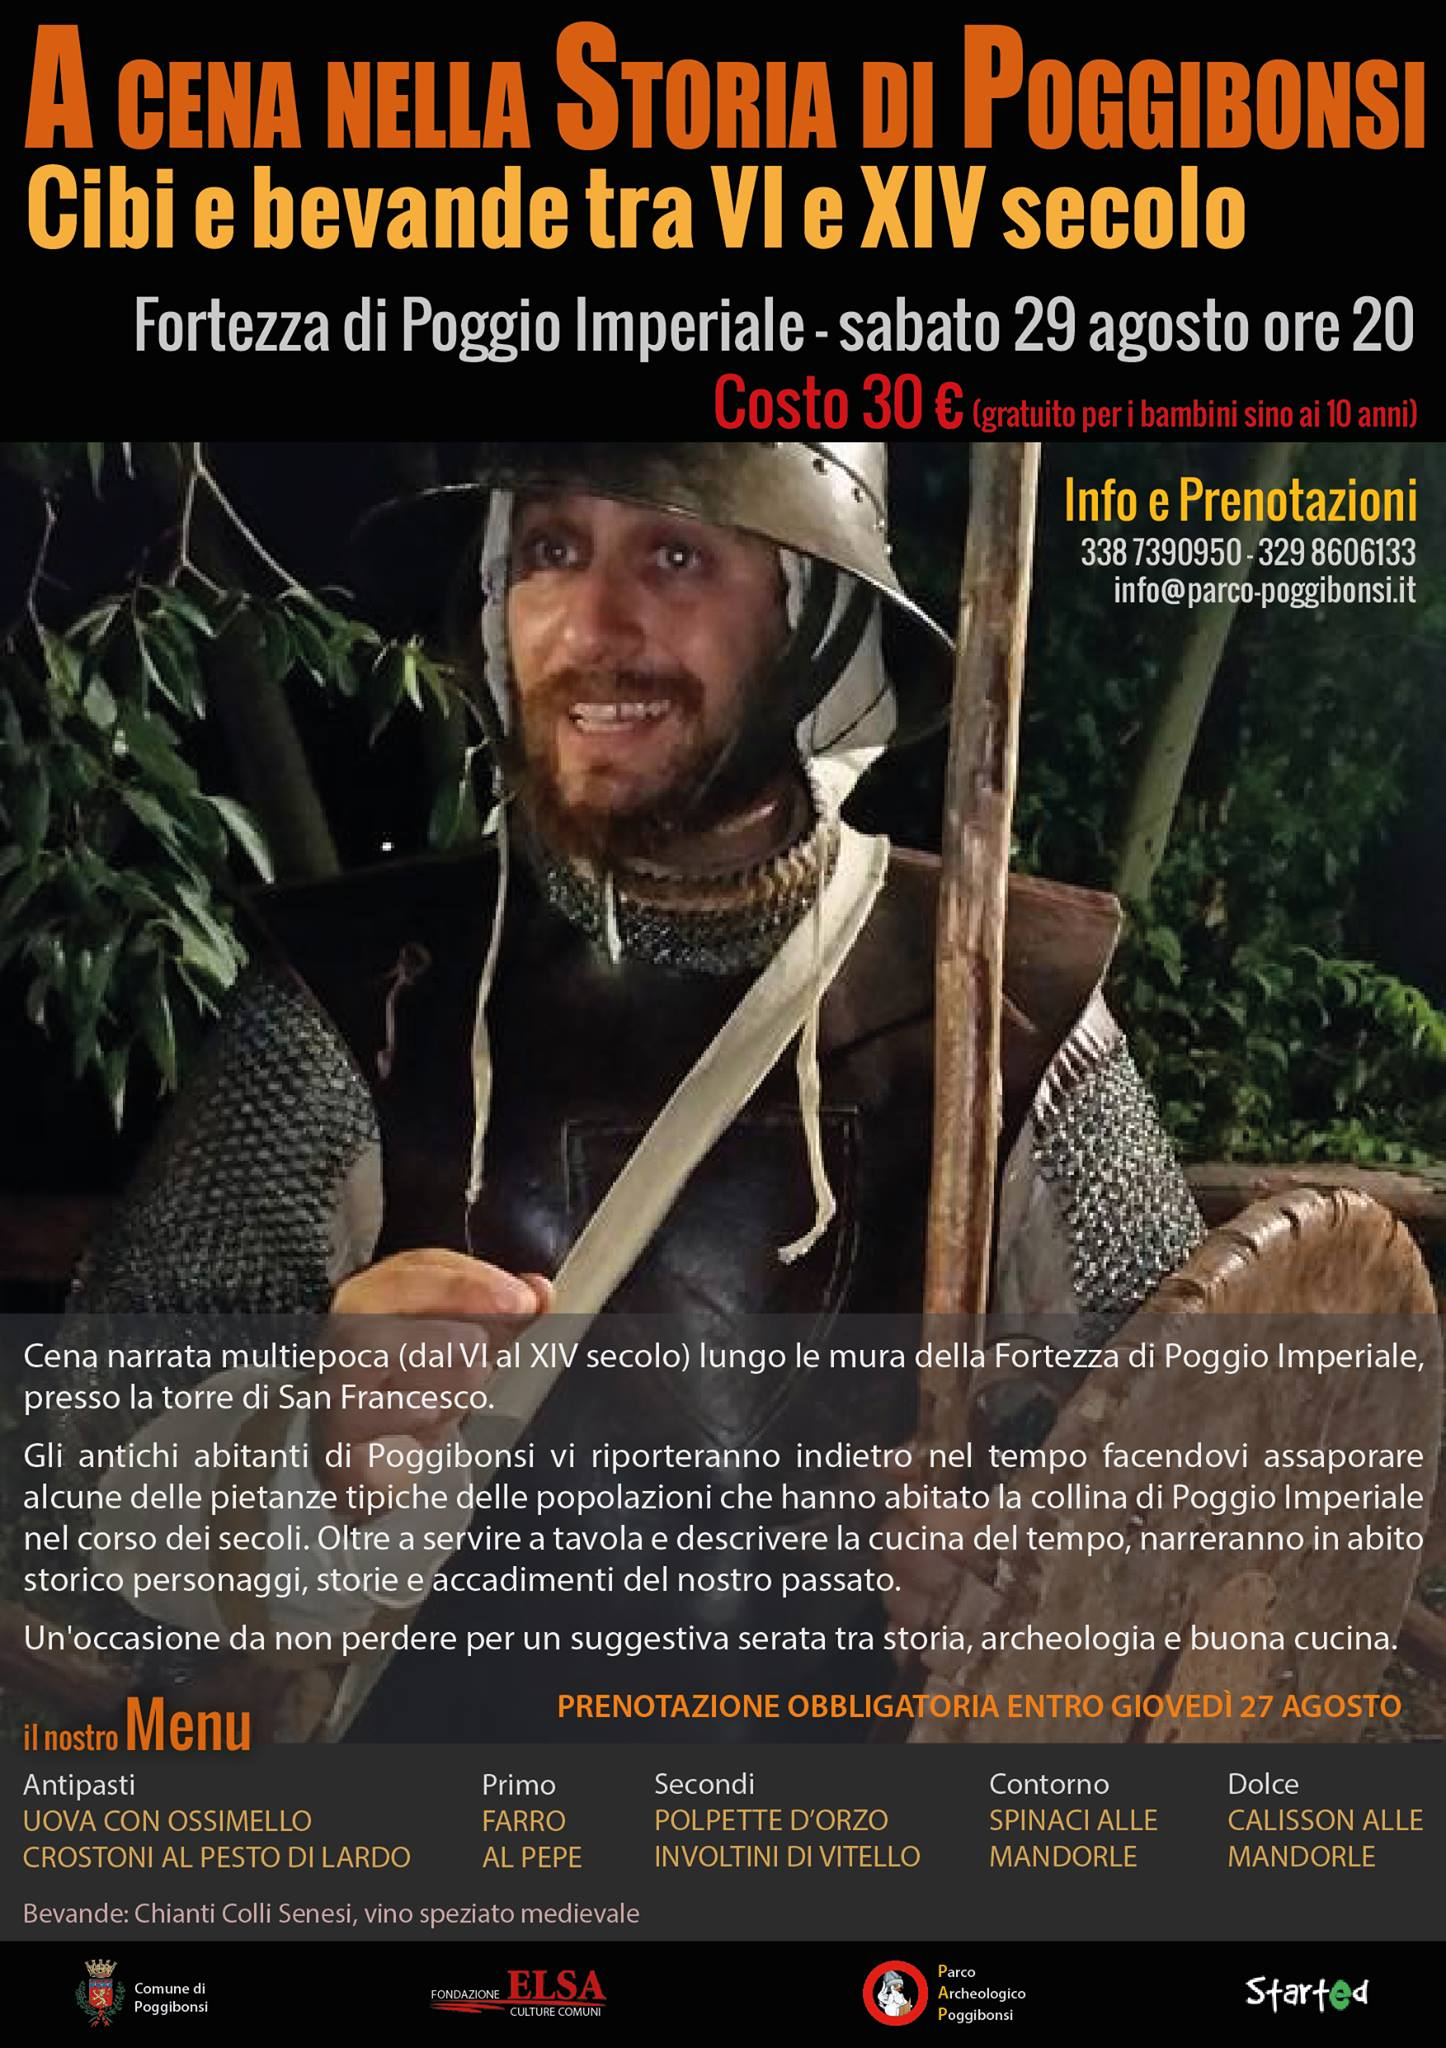 A cena nella Storia di Poggibonsi. Cibi e bevande tra VI e XIV secolo (Poggibonsi, 29 agosto 2015)